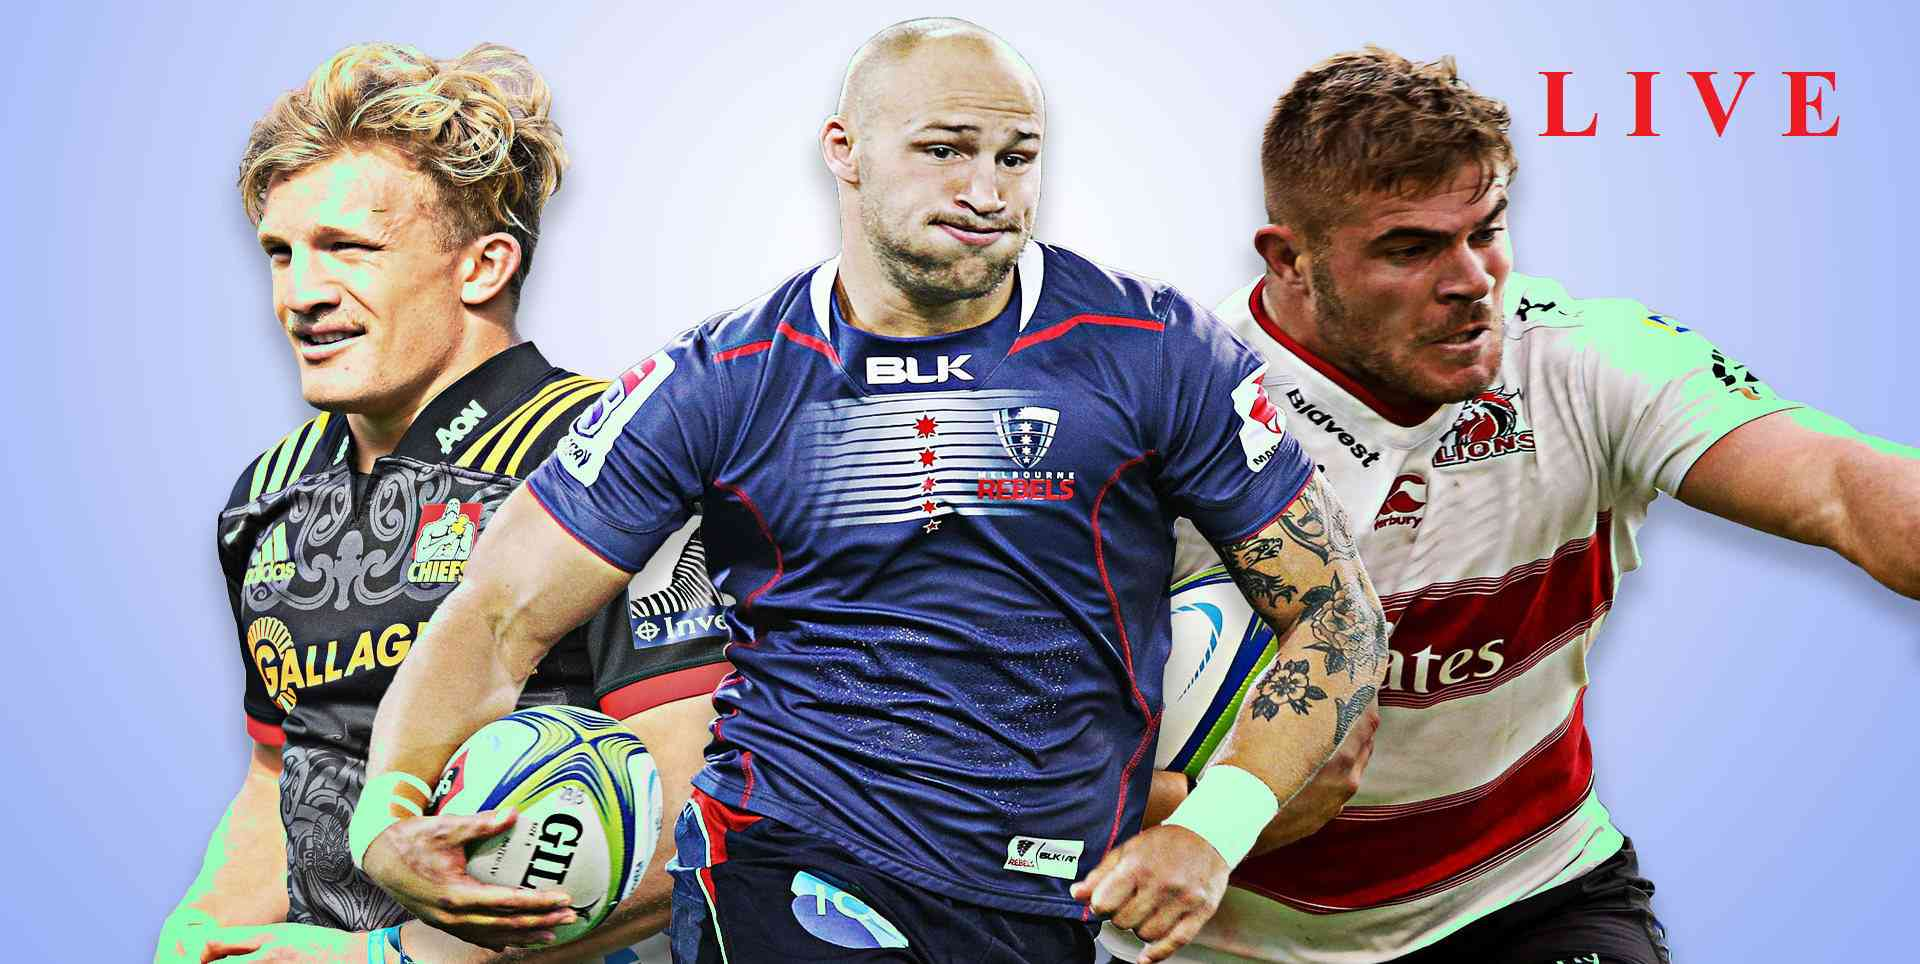 rebels-vs-waratahs-rugby-live-online